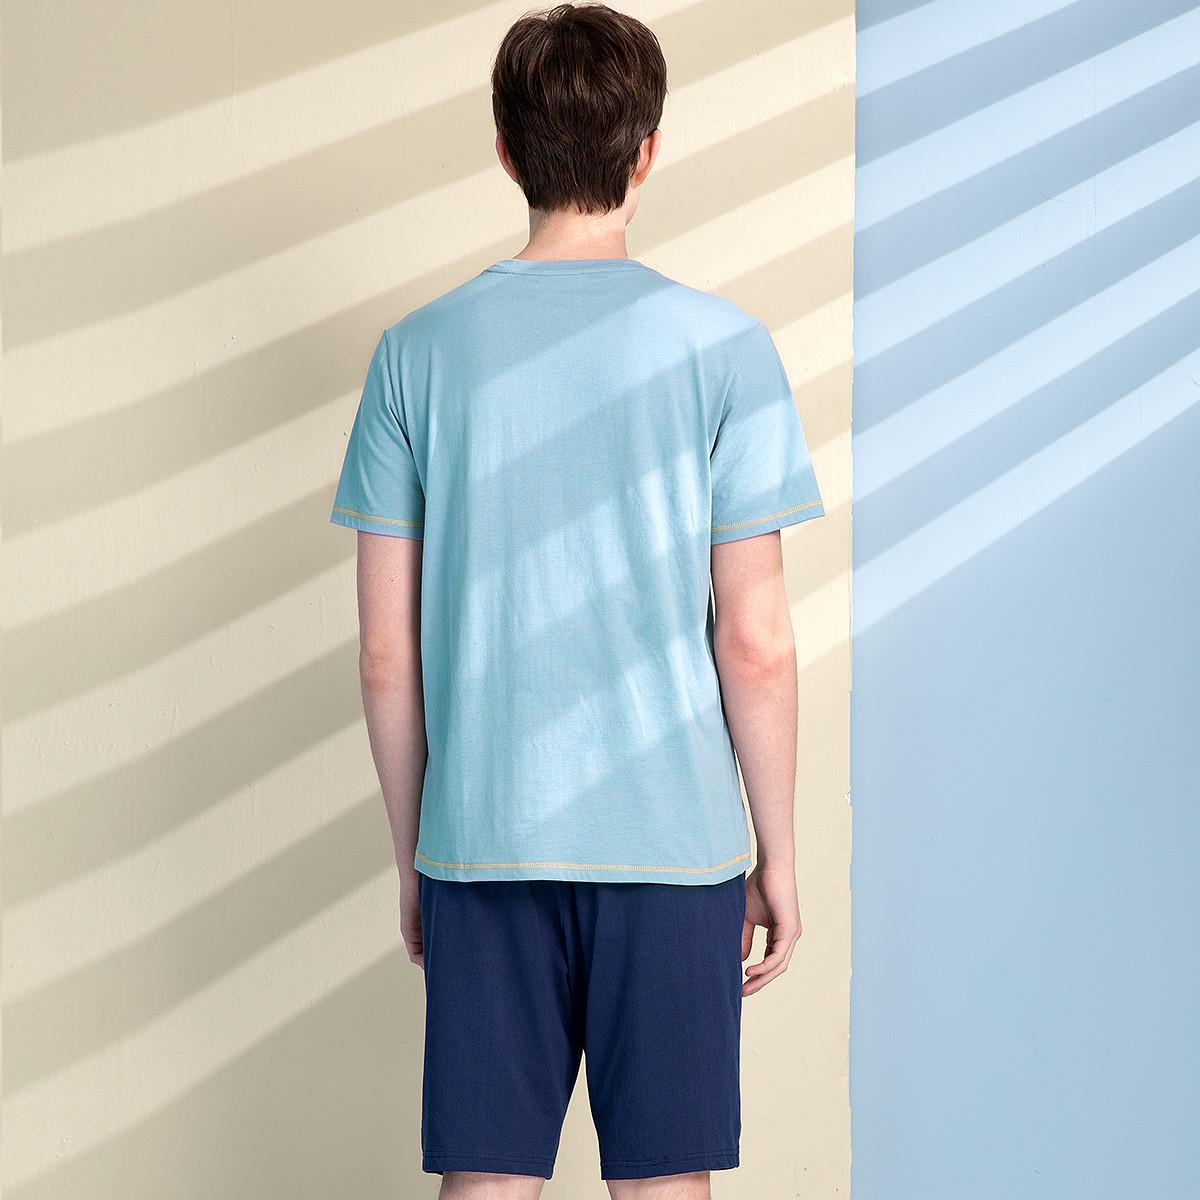 红豆睡衣纯棉2021年新款夏季薄款情侣短袖T恤外穿男女休闲居家服 No.3